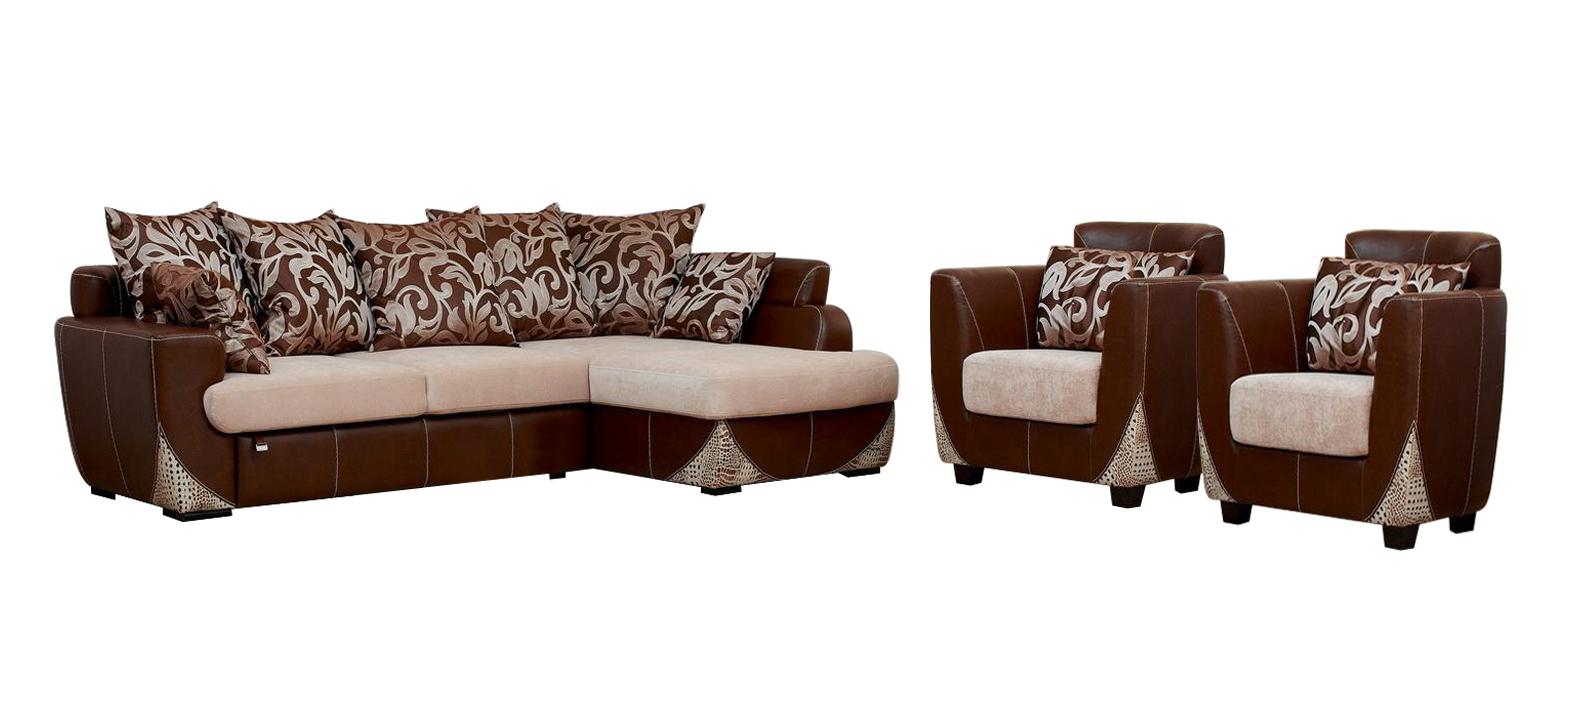 Комплект мягкой мебели Лондон шатура комплект лондон рогожка бежевая диван 2 кресла